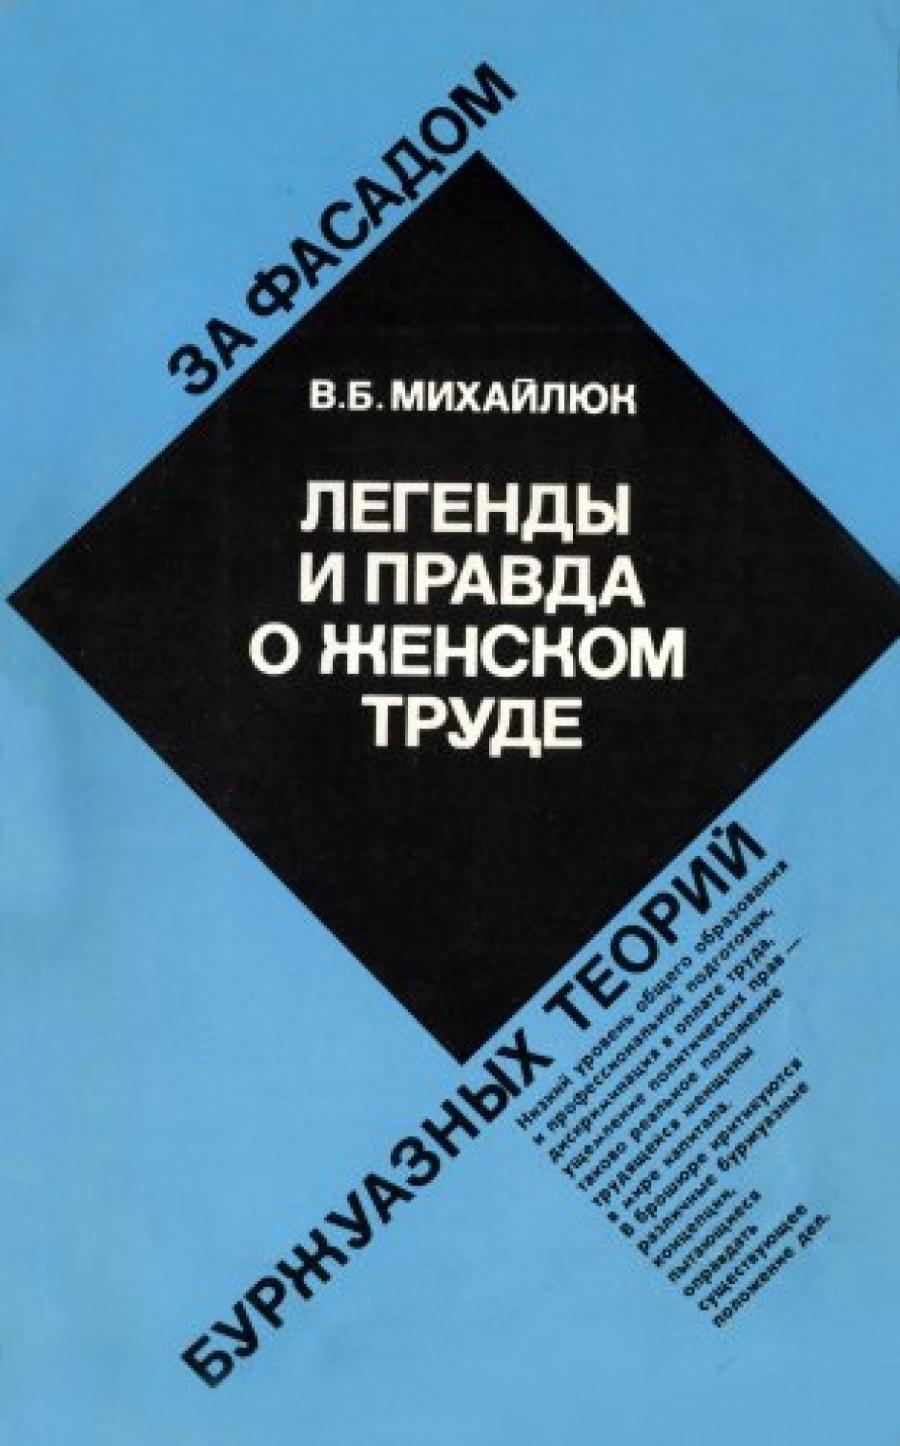 Обложка книги:  михайлюк в.б. - легенды и правда о женском труде